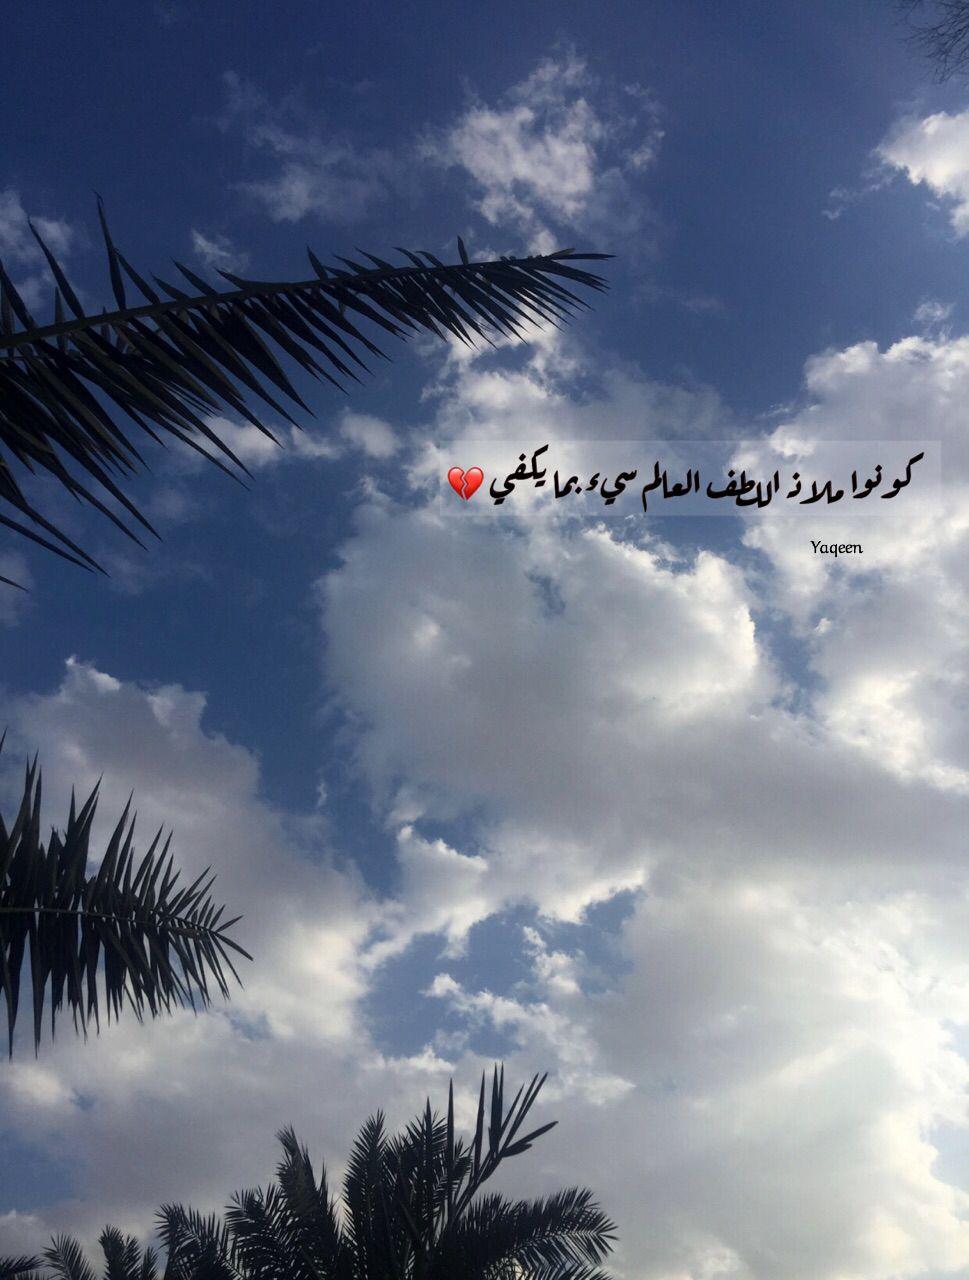 الاحترام Words Quotes Arabic Love Quotes Love Quotes